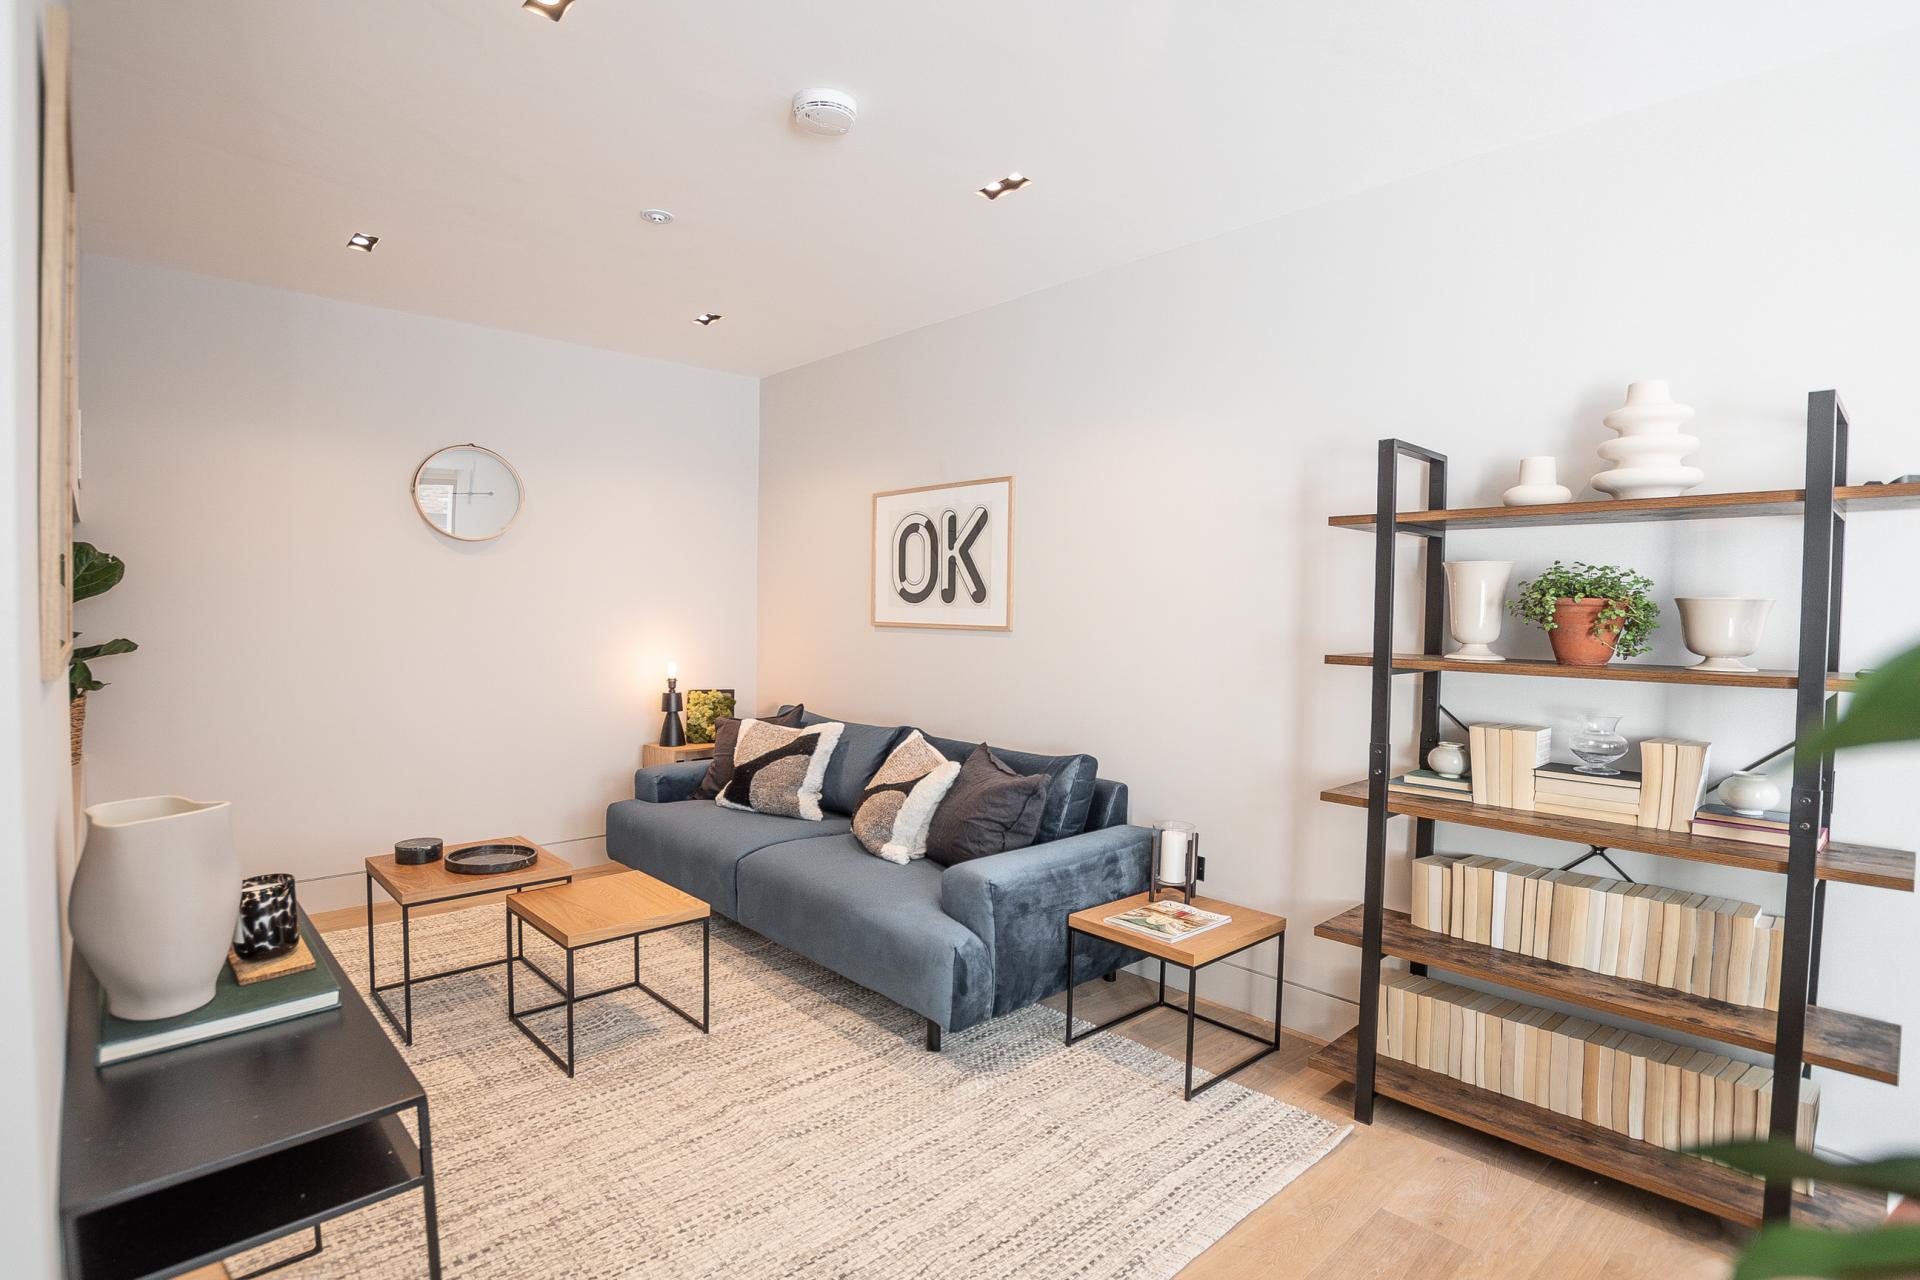 Sofa at King's Mews Apartments, Holborn, London - Citybase Apartments